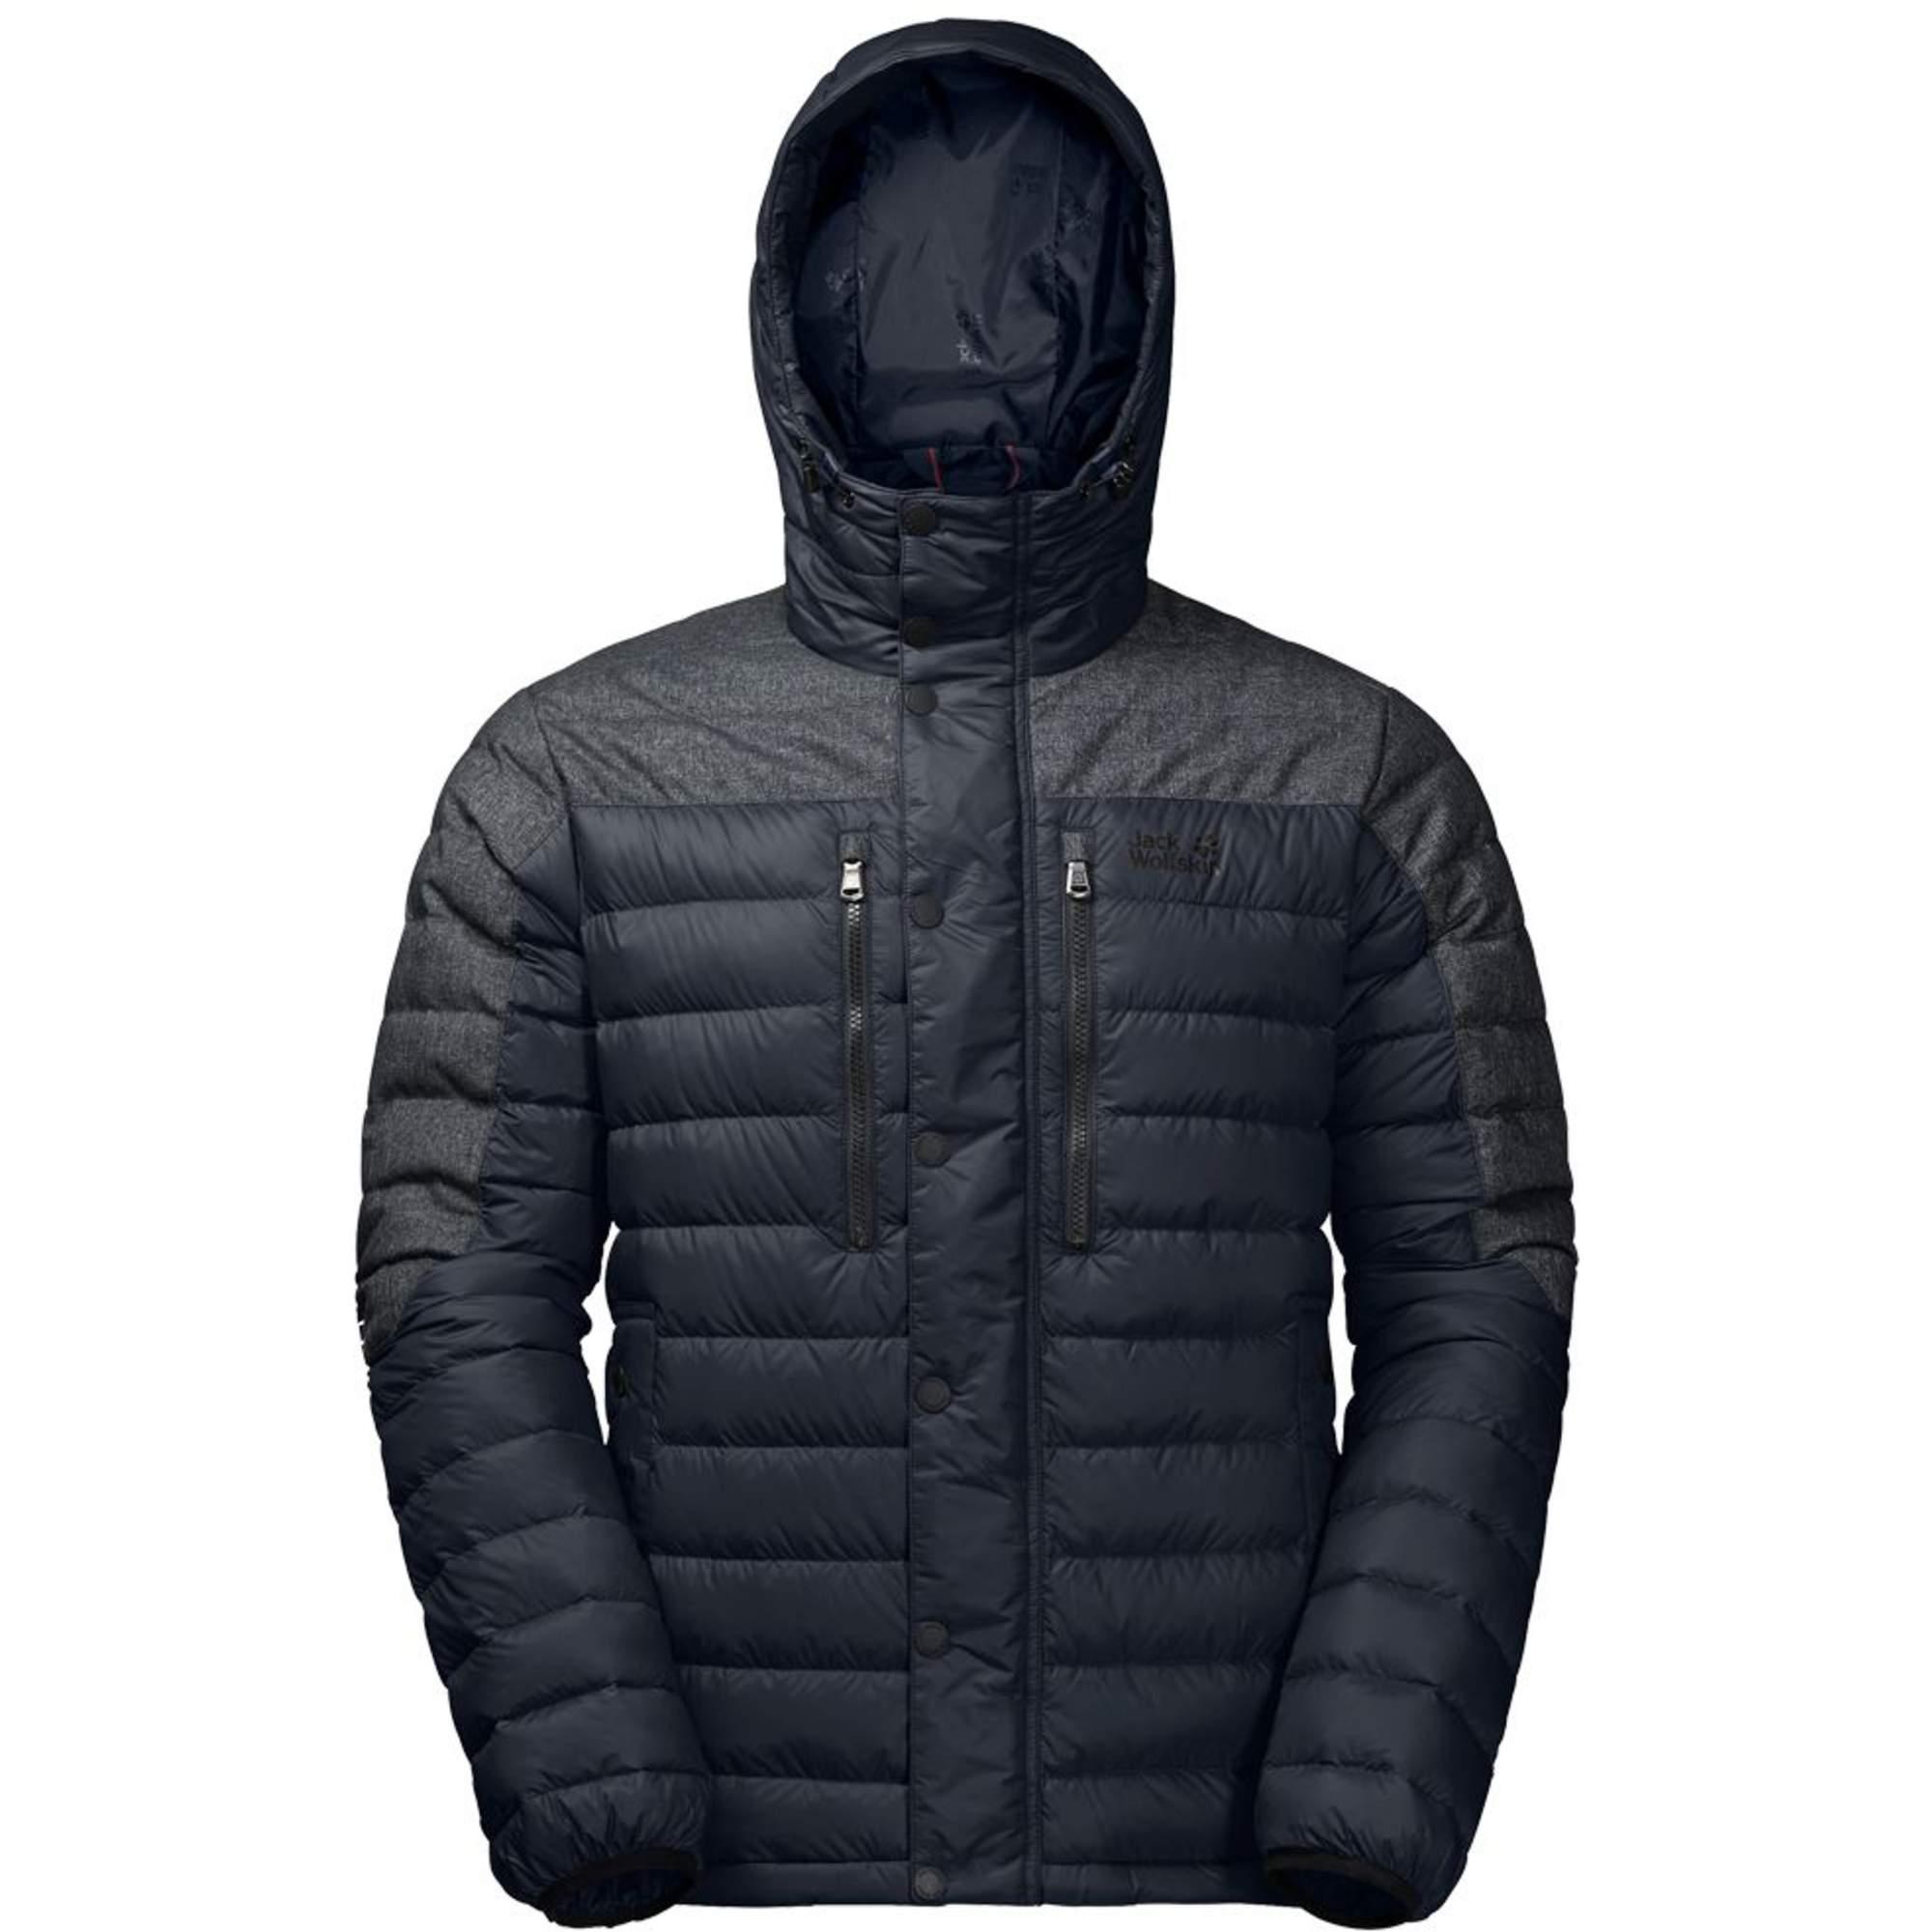 Jack Wolfskin Richmond Jacket Herren Gr. XL - schwarz|blau / night blue - Daunenjacken 1203431-1010005